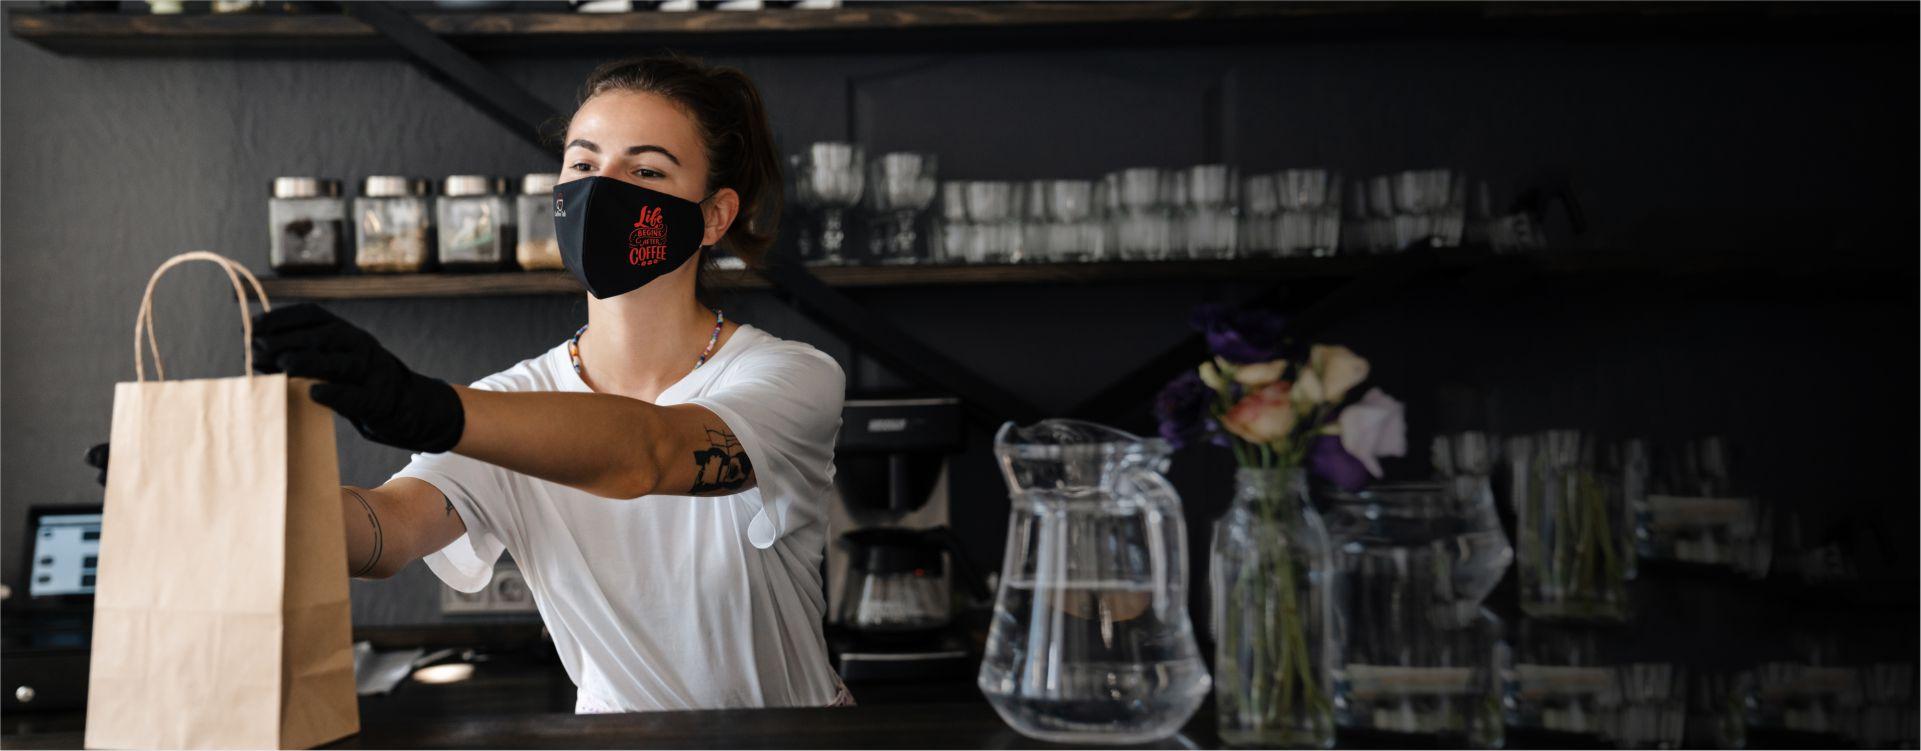 μάσκα προστασίας με εκτύπωση